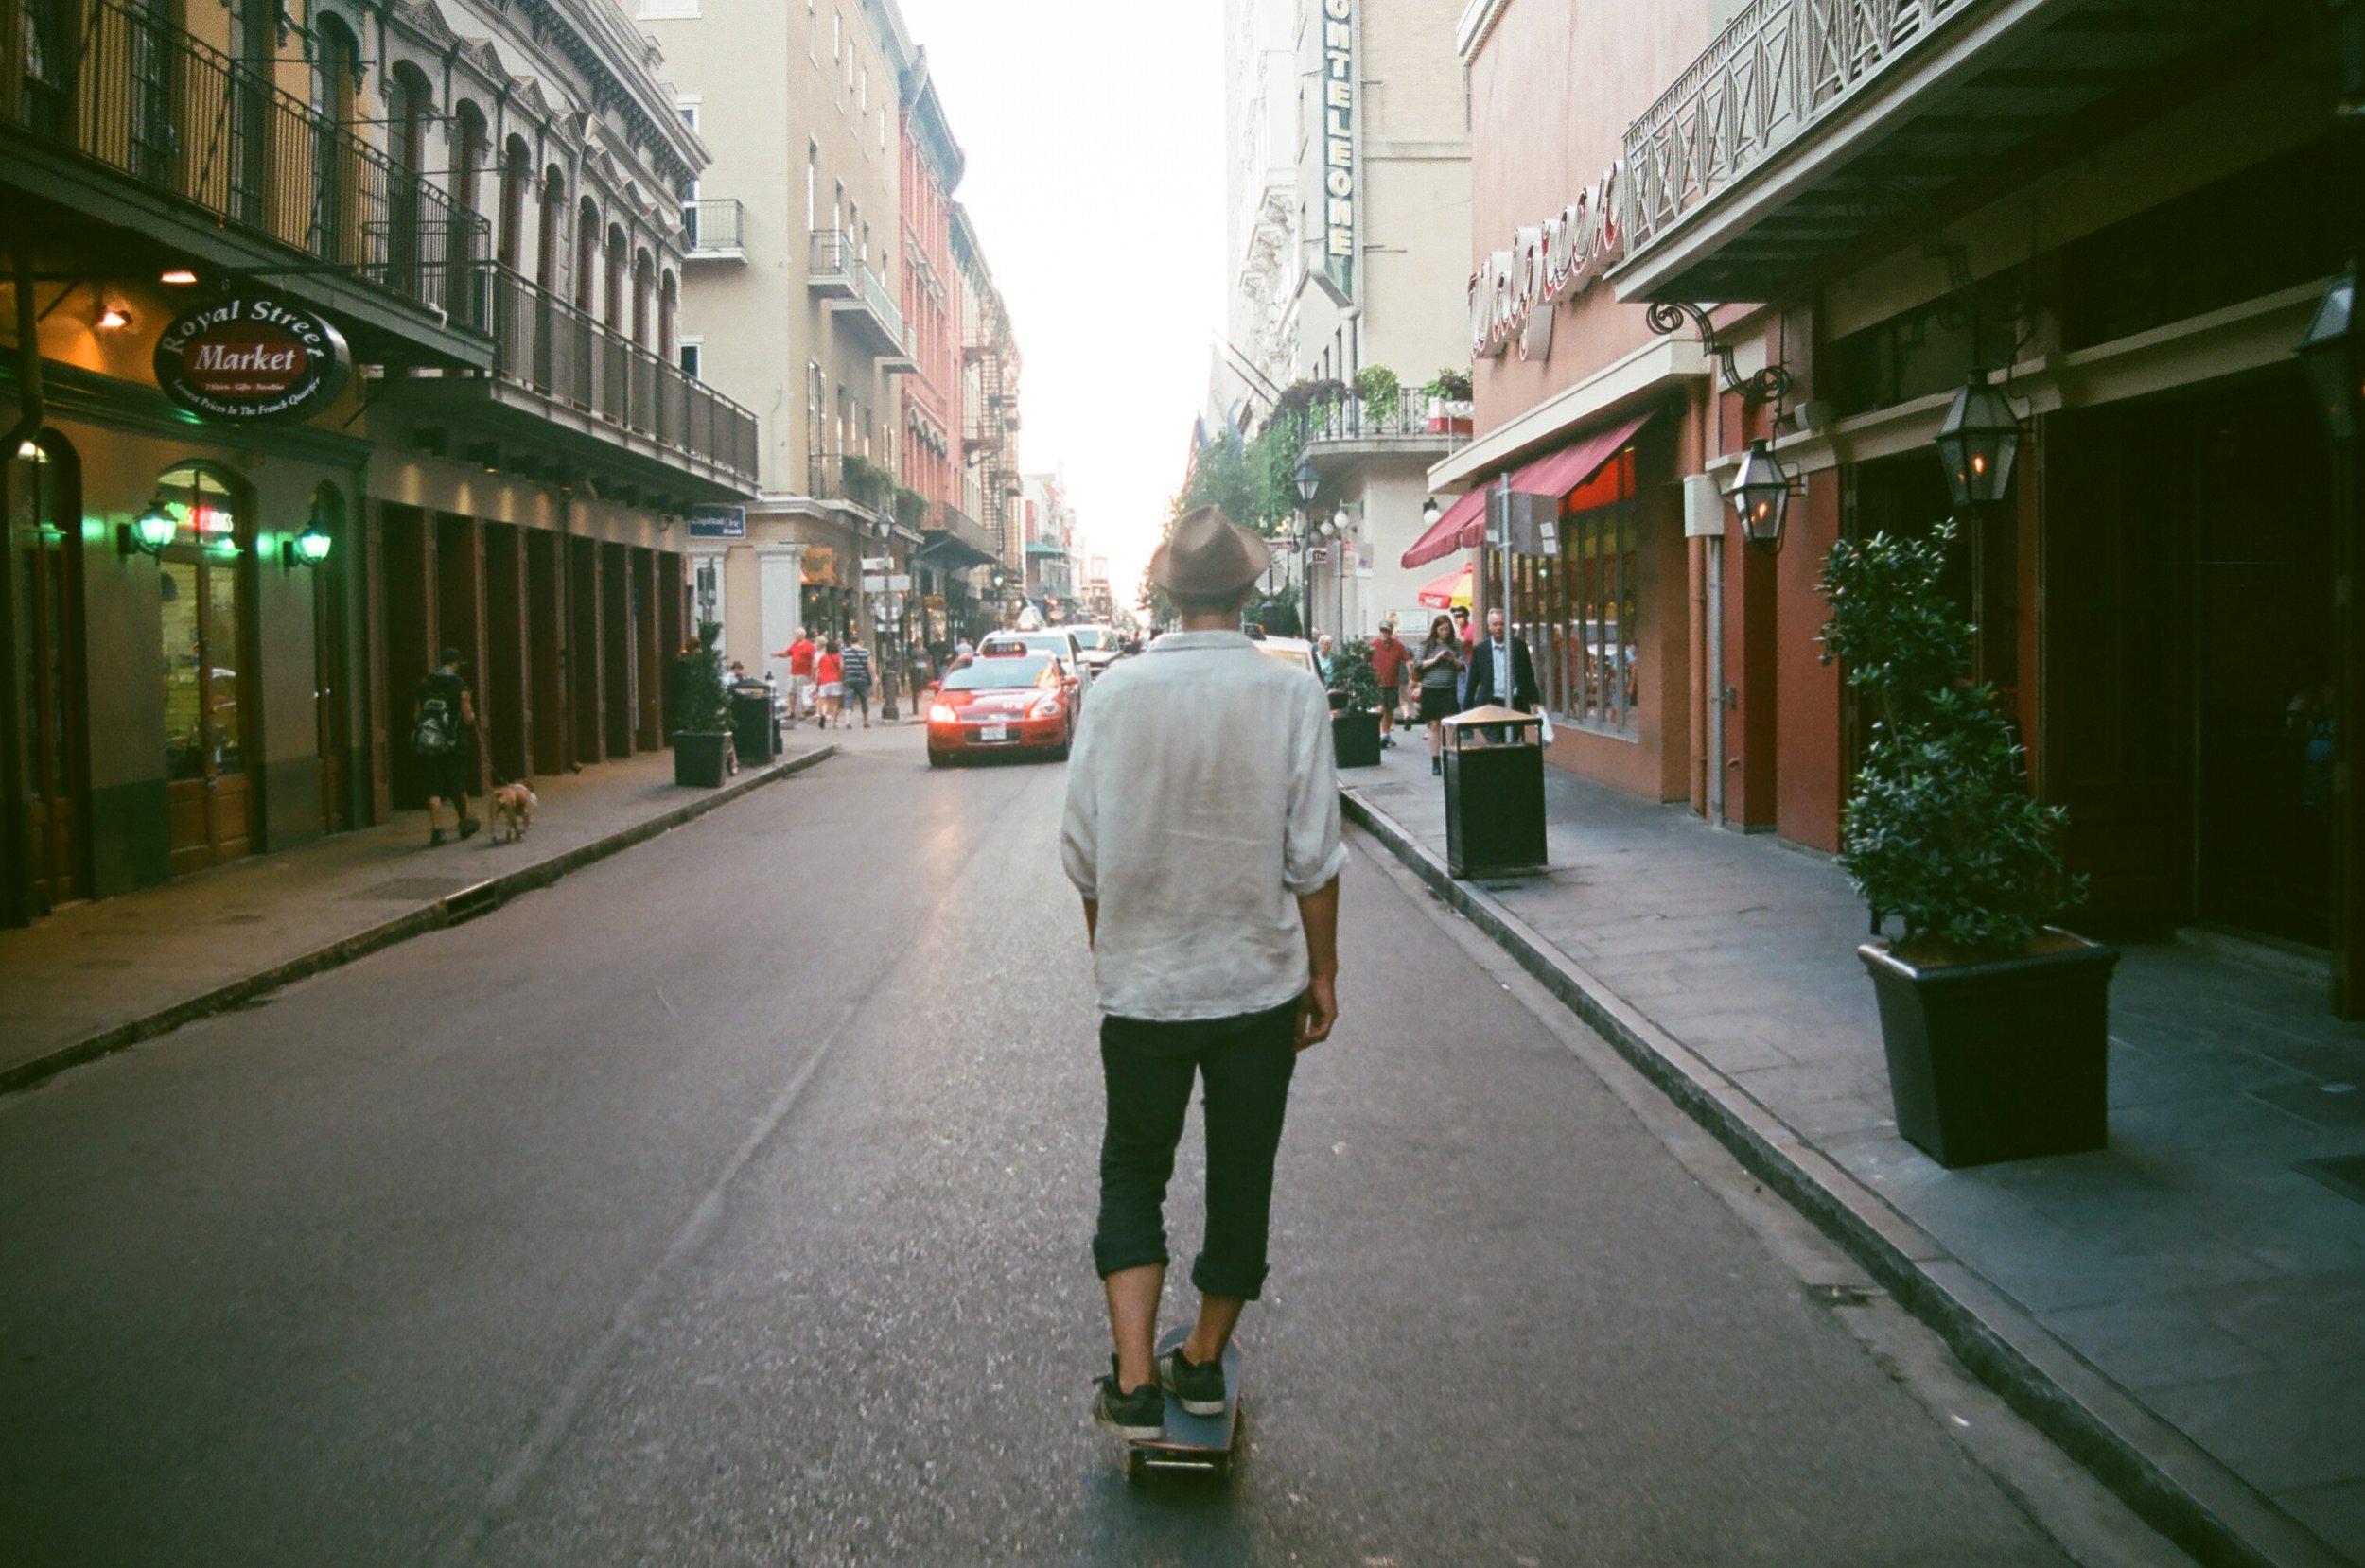 Ryan Skate Nola Street.jpg